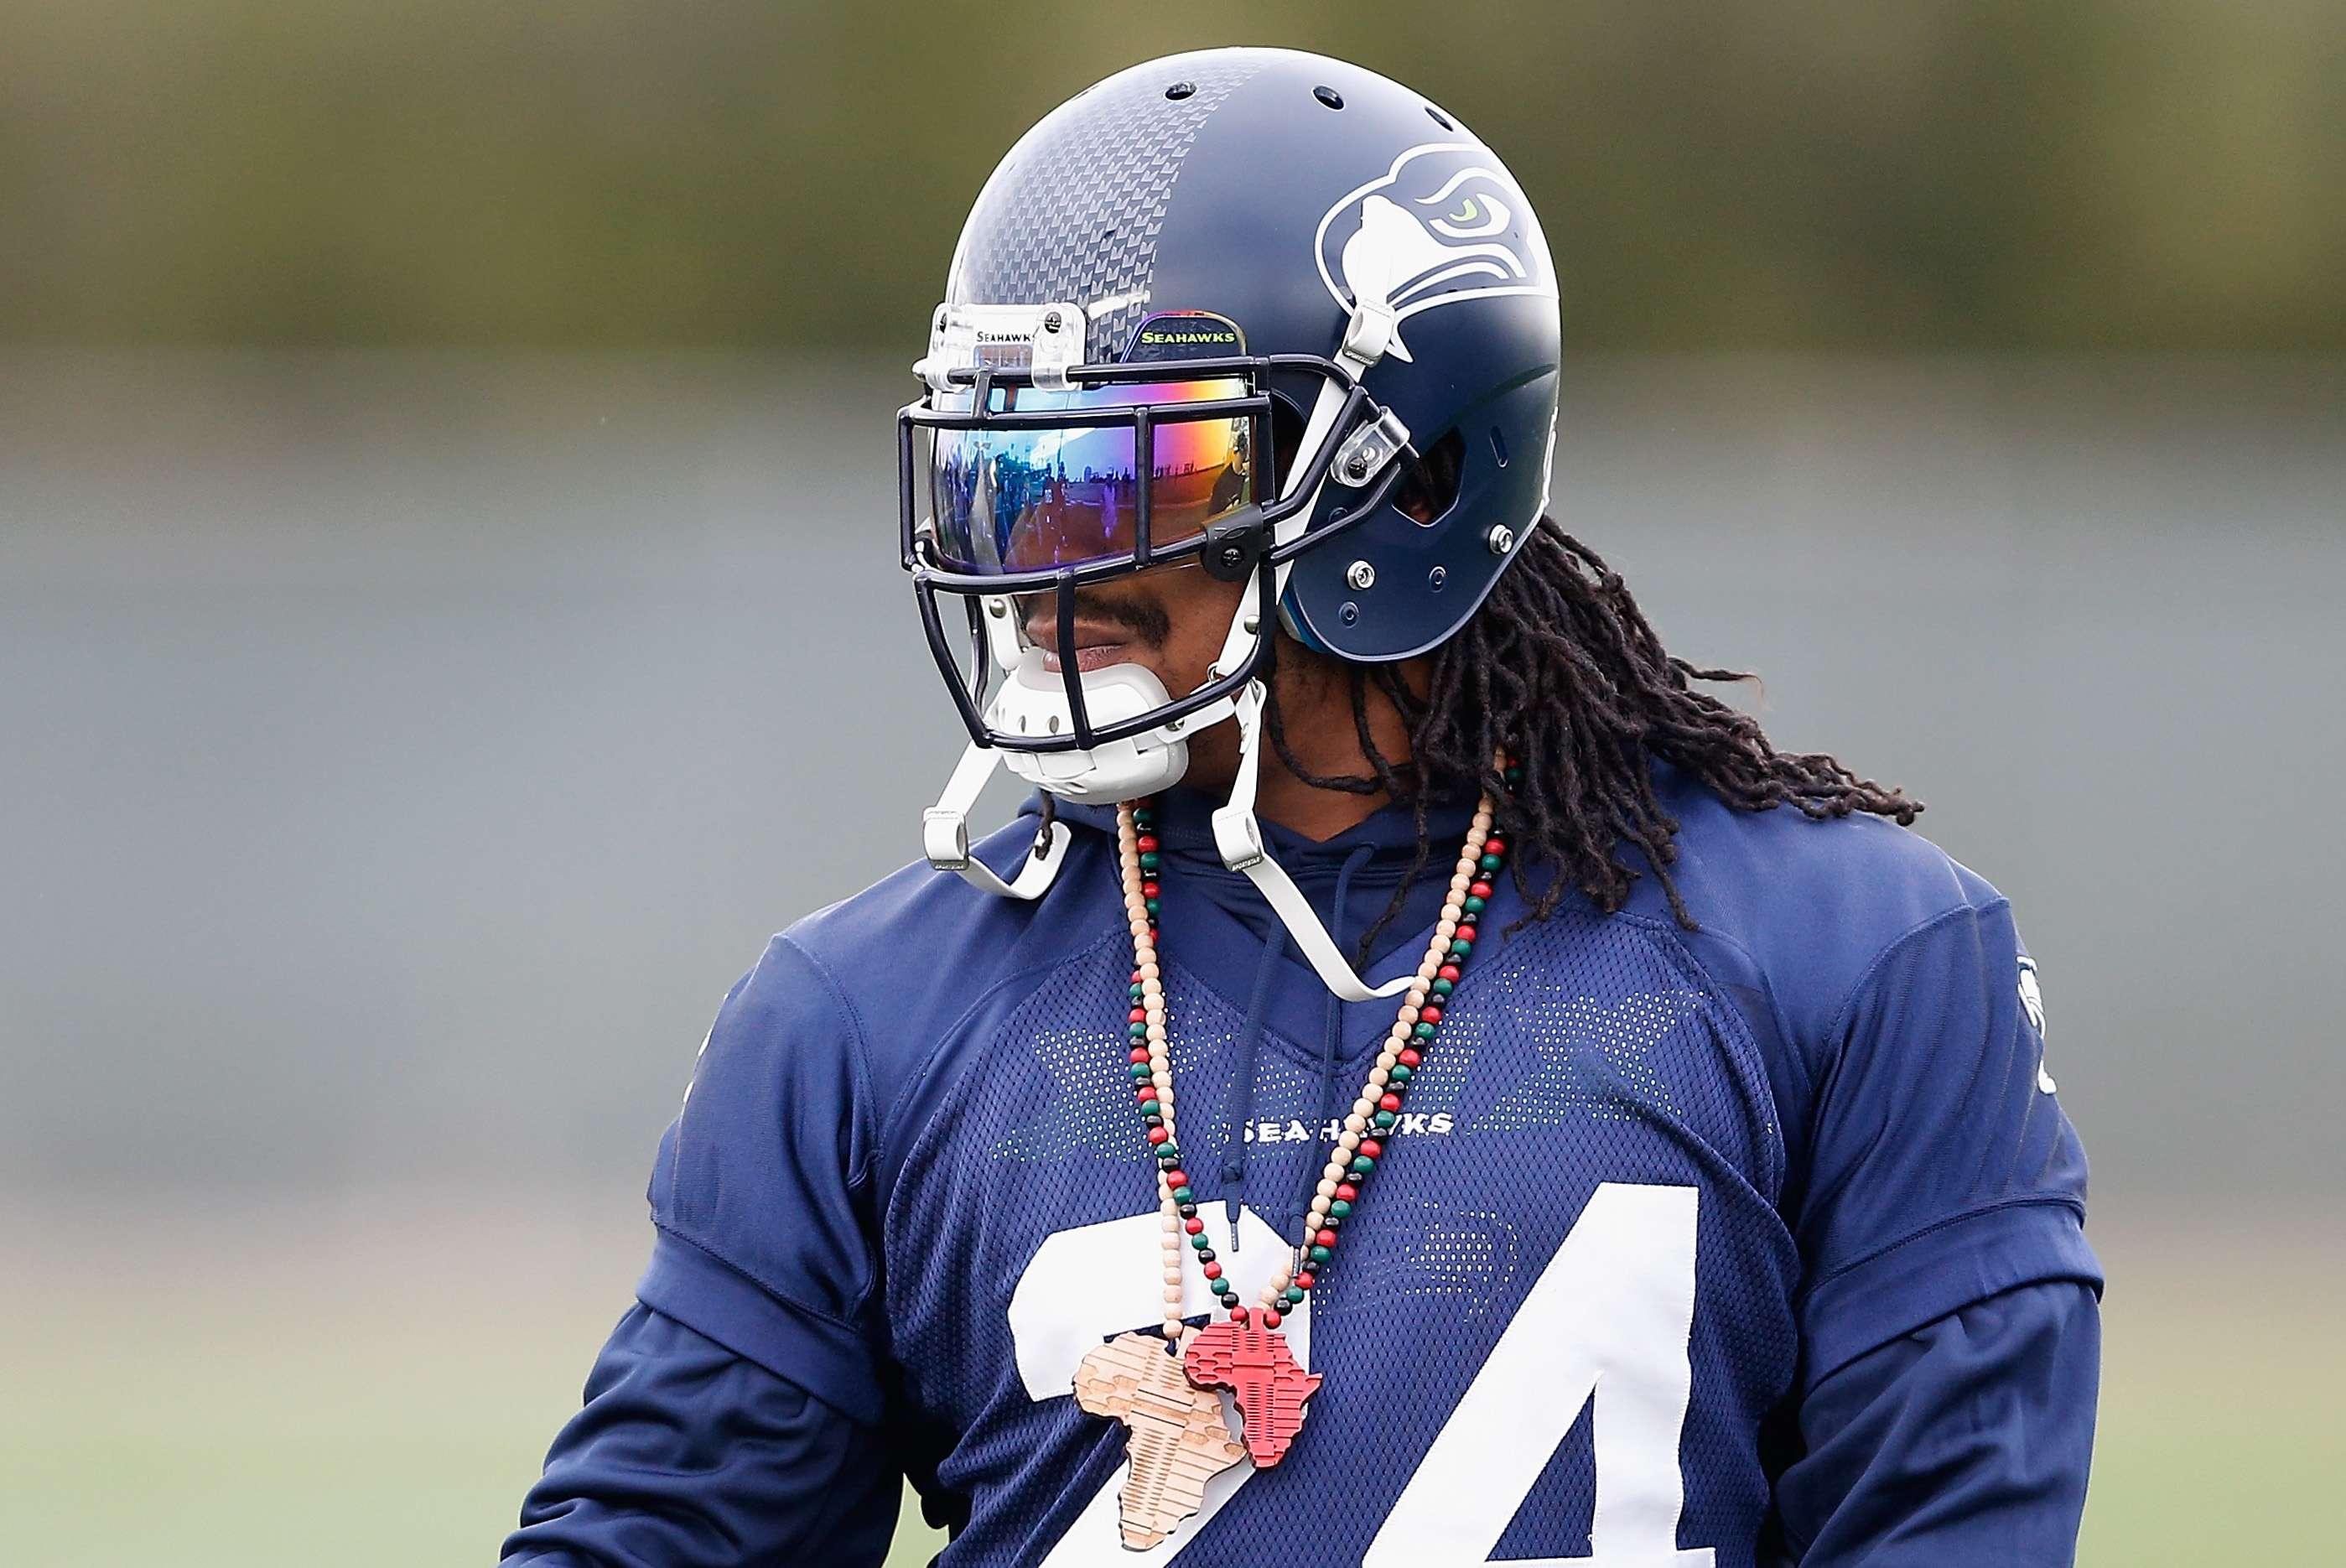 Marshawn Lynch se convertirá en agente libre al momento que termine el Super Bowl XLIX Foto: Gettyimages